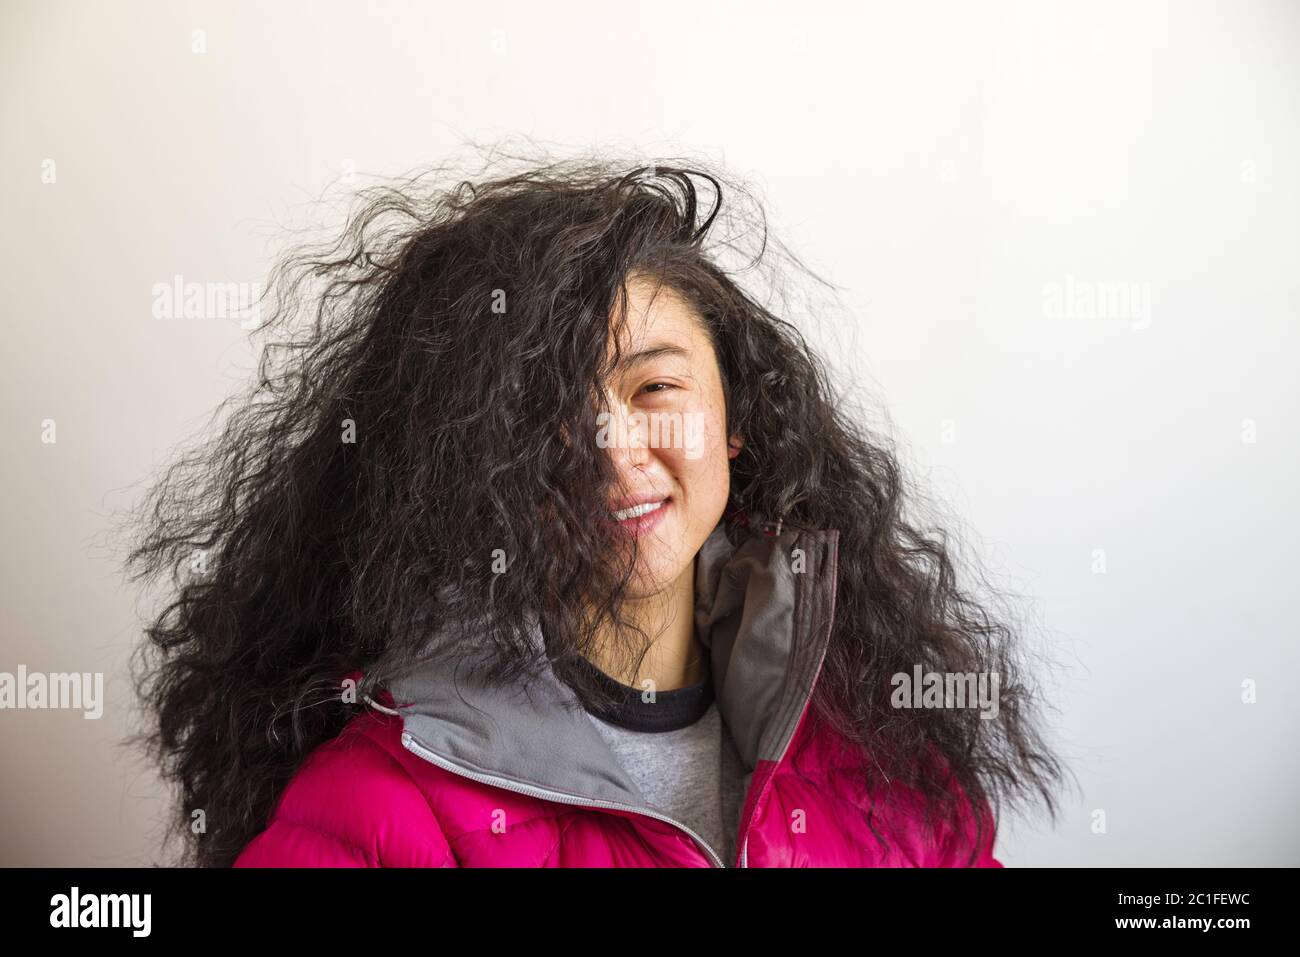 femme asiatique avec de grands cheveux ondulés et fous couvrant la moitié de son visage Banque D'Images